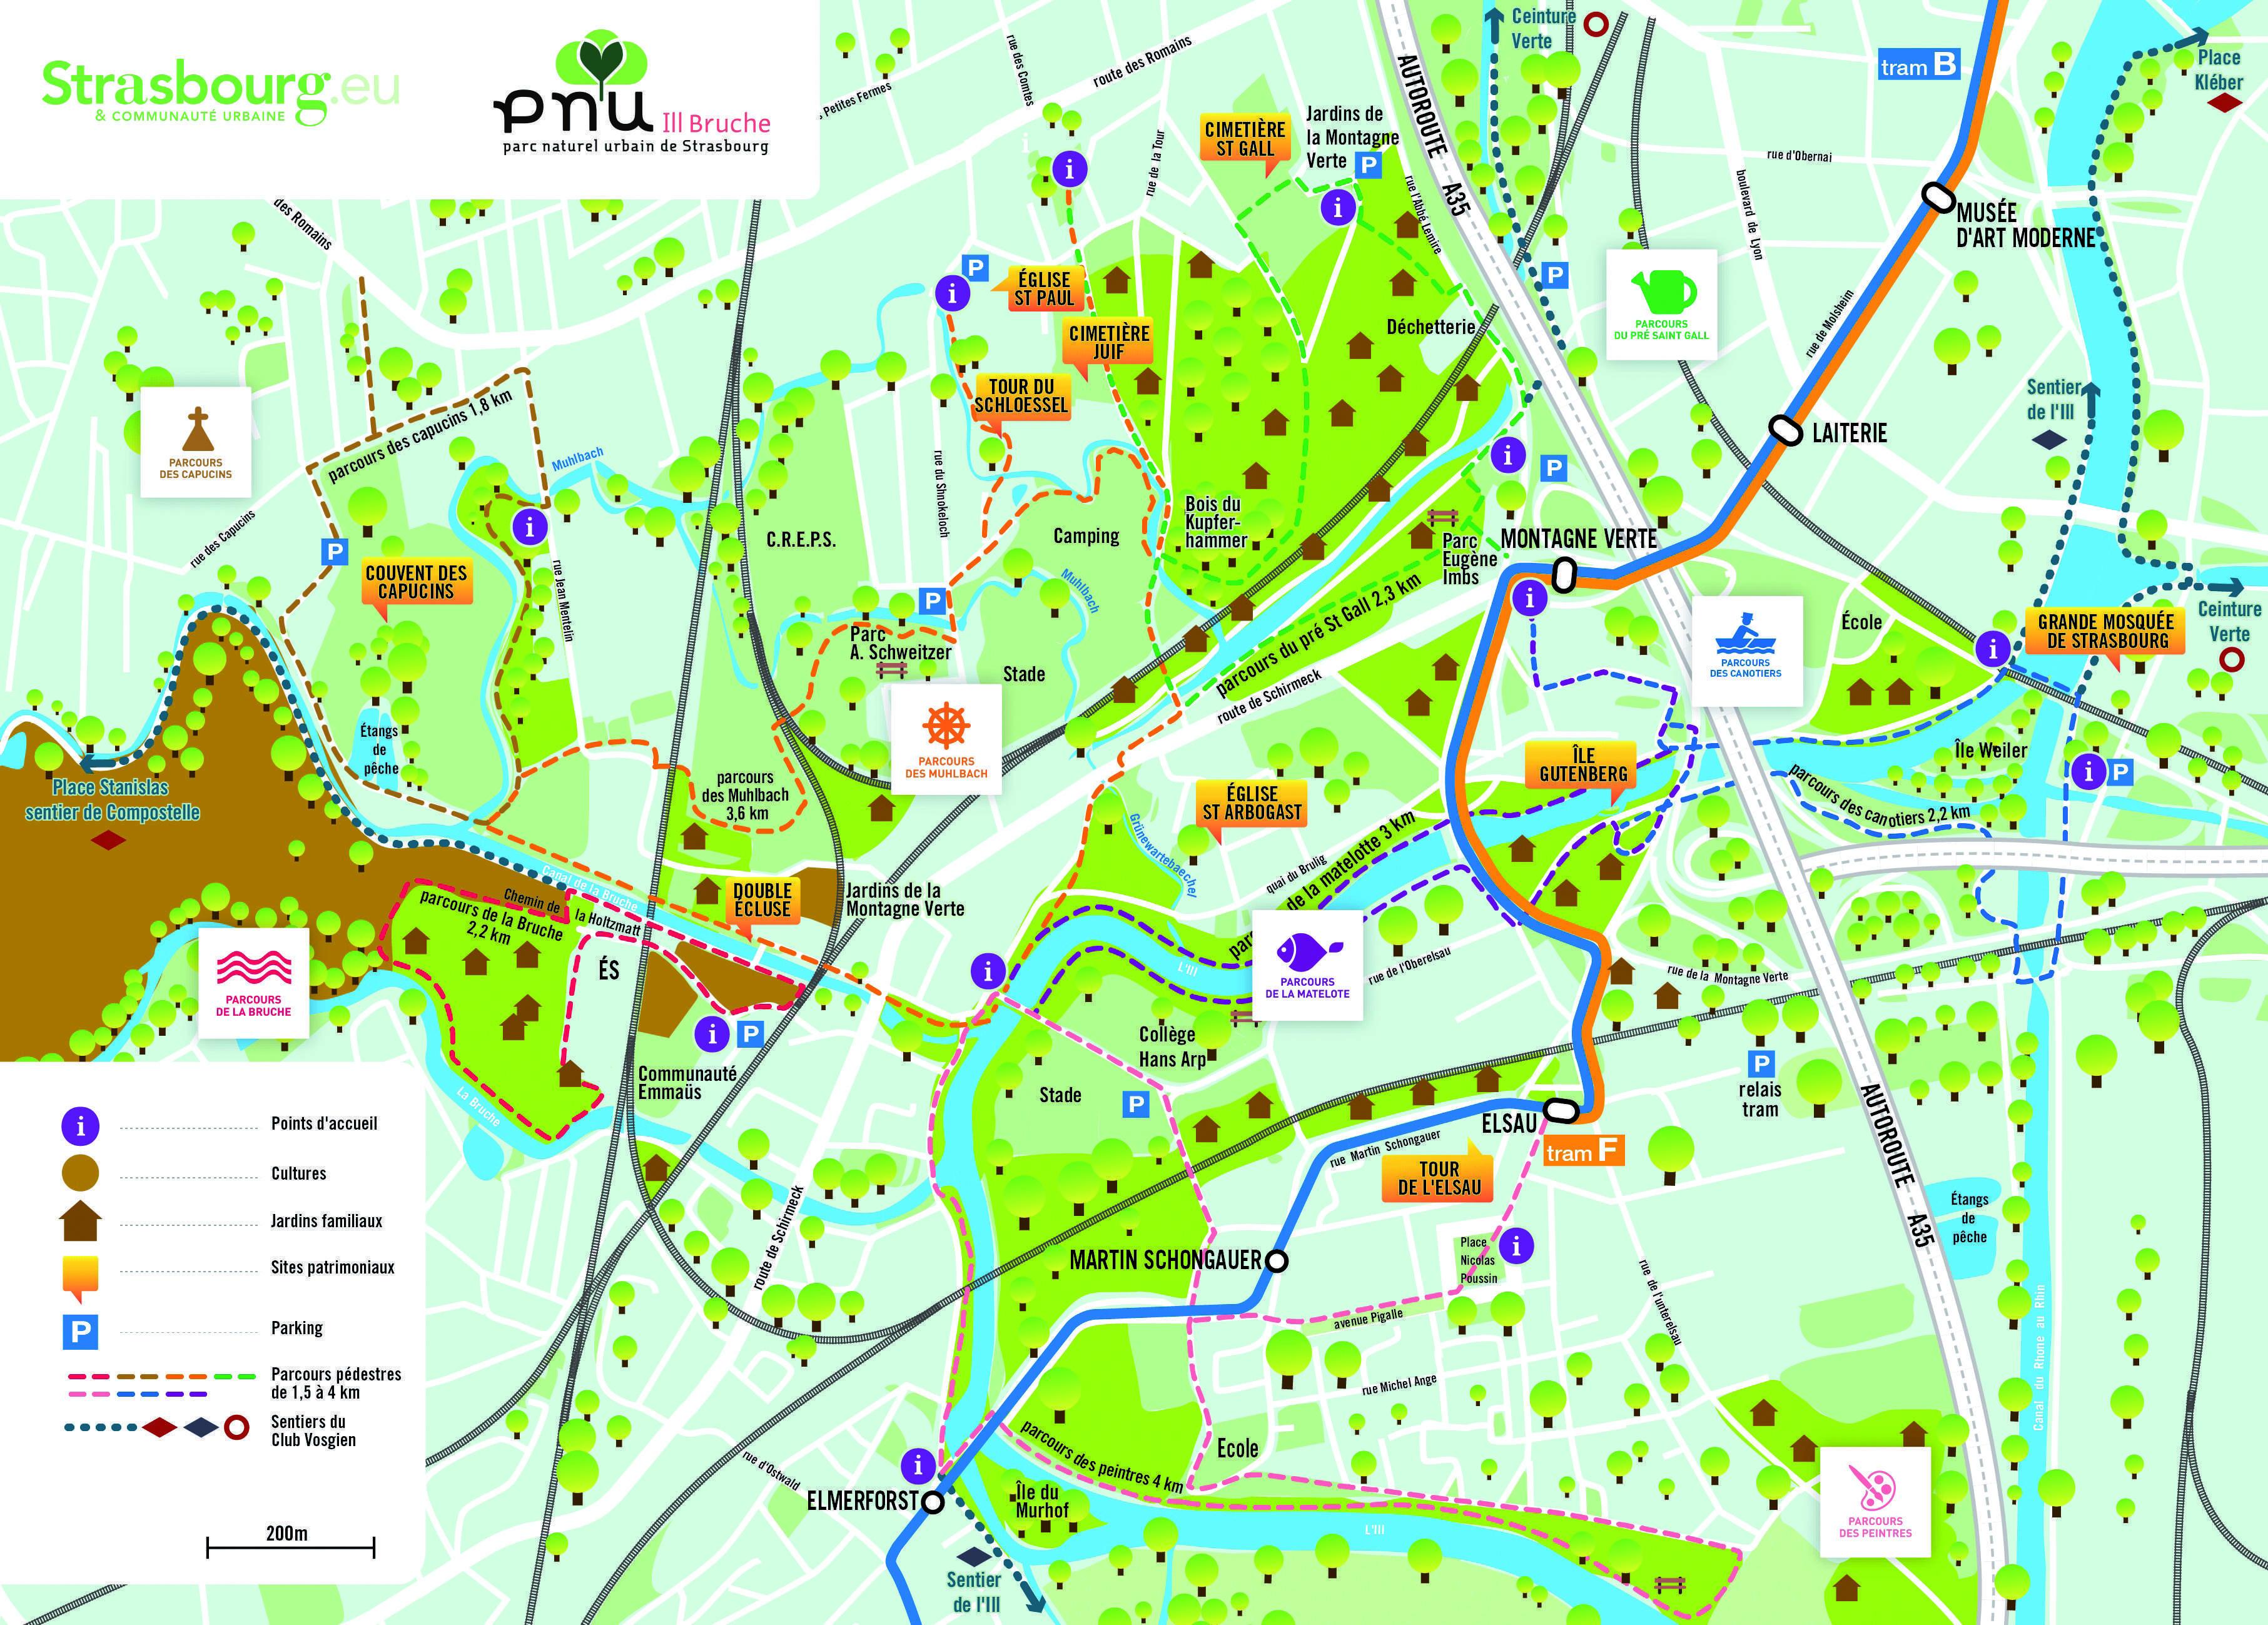 Carte du PNU III Bruche